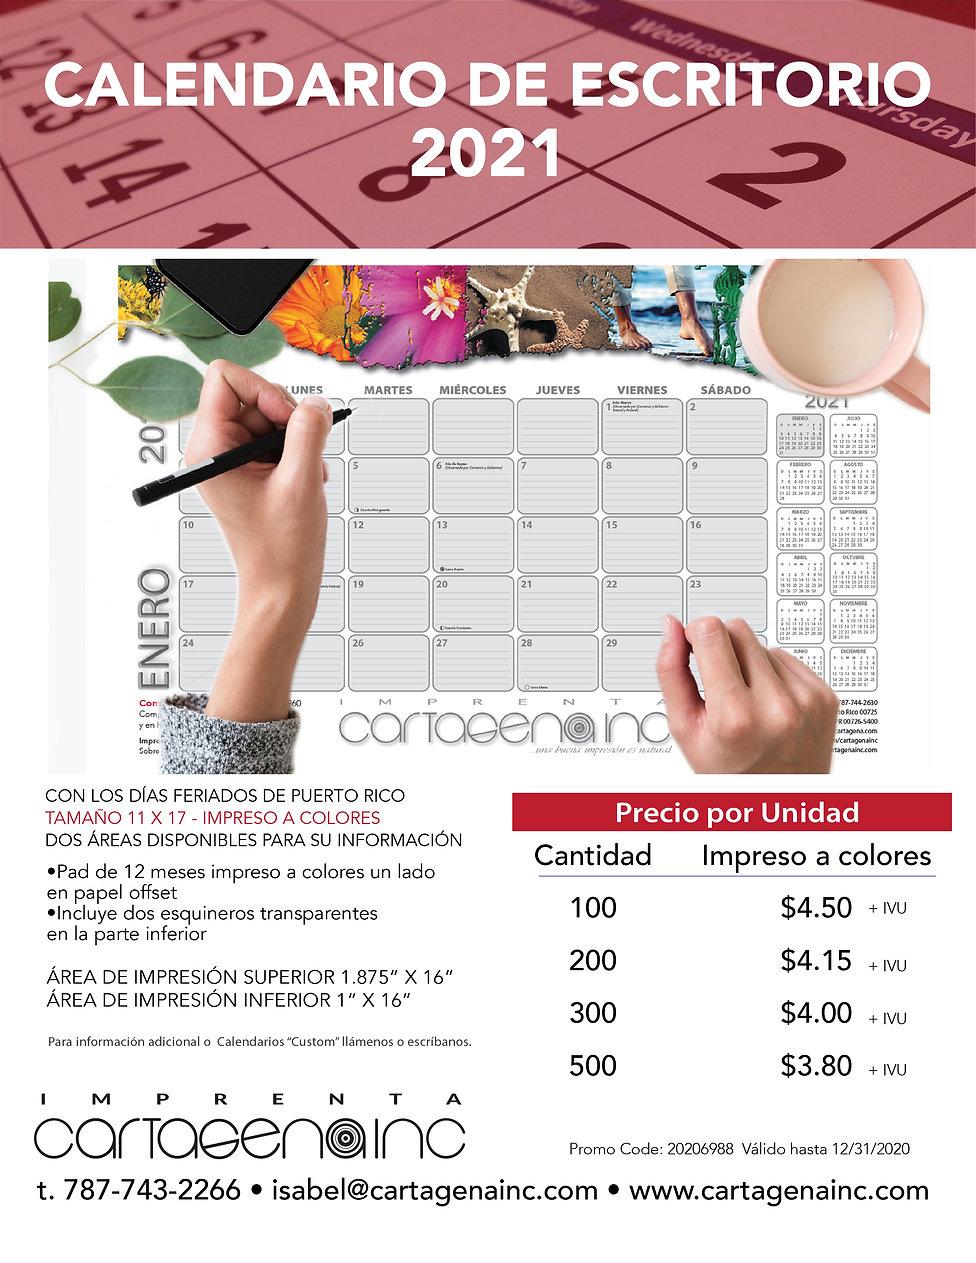 50717 Calendarios de Escritorio 2021-04.